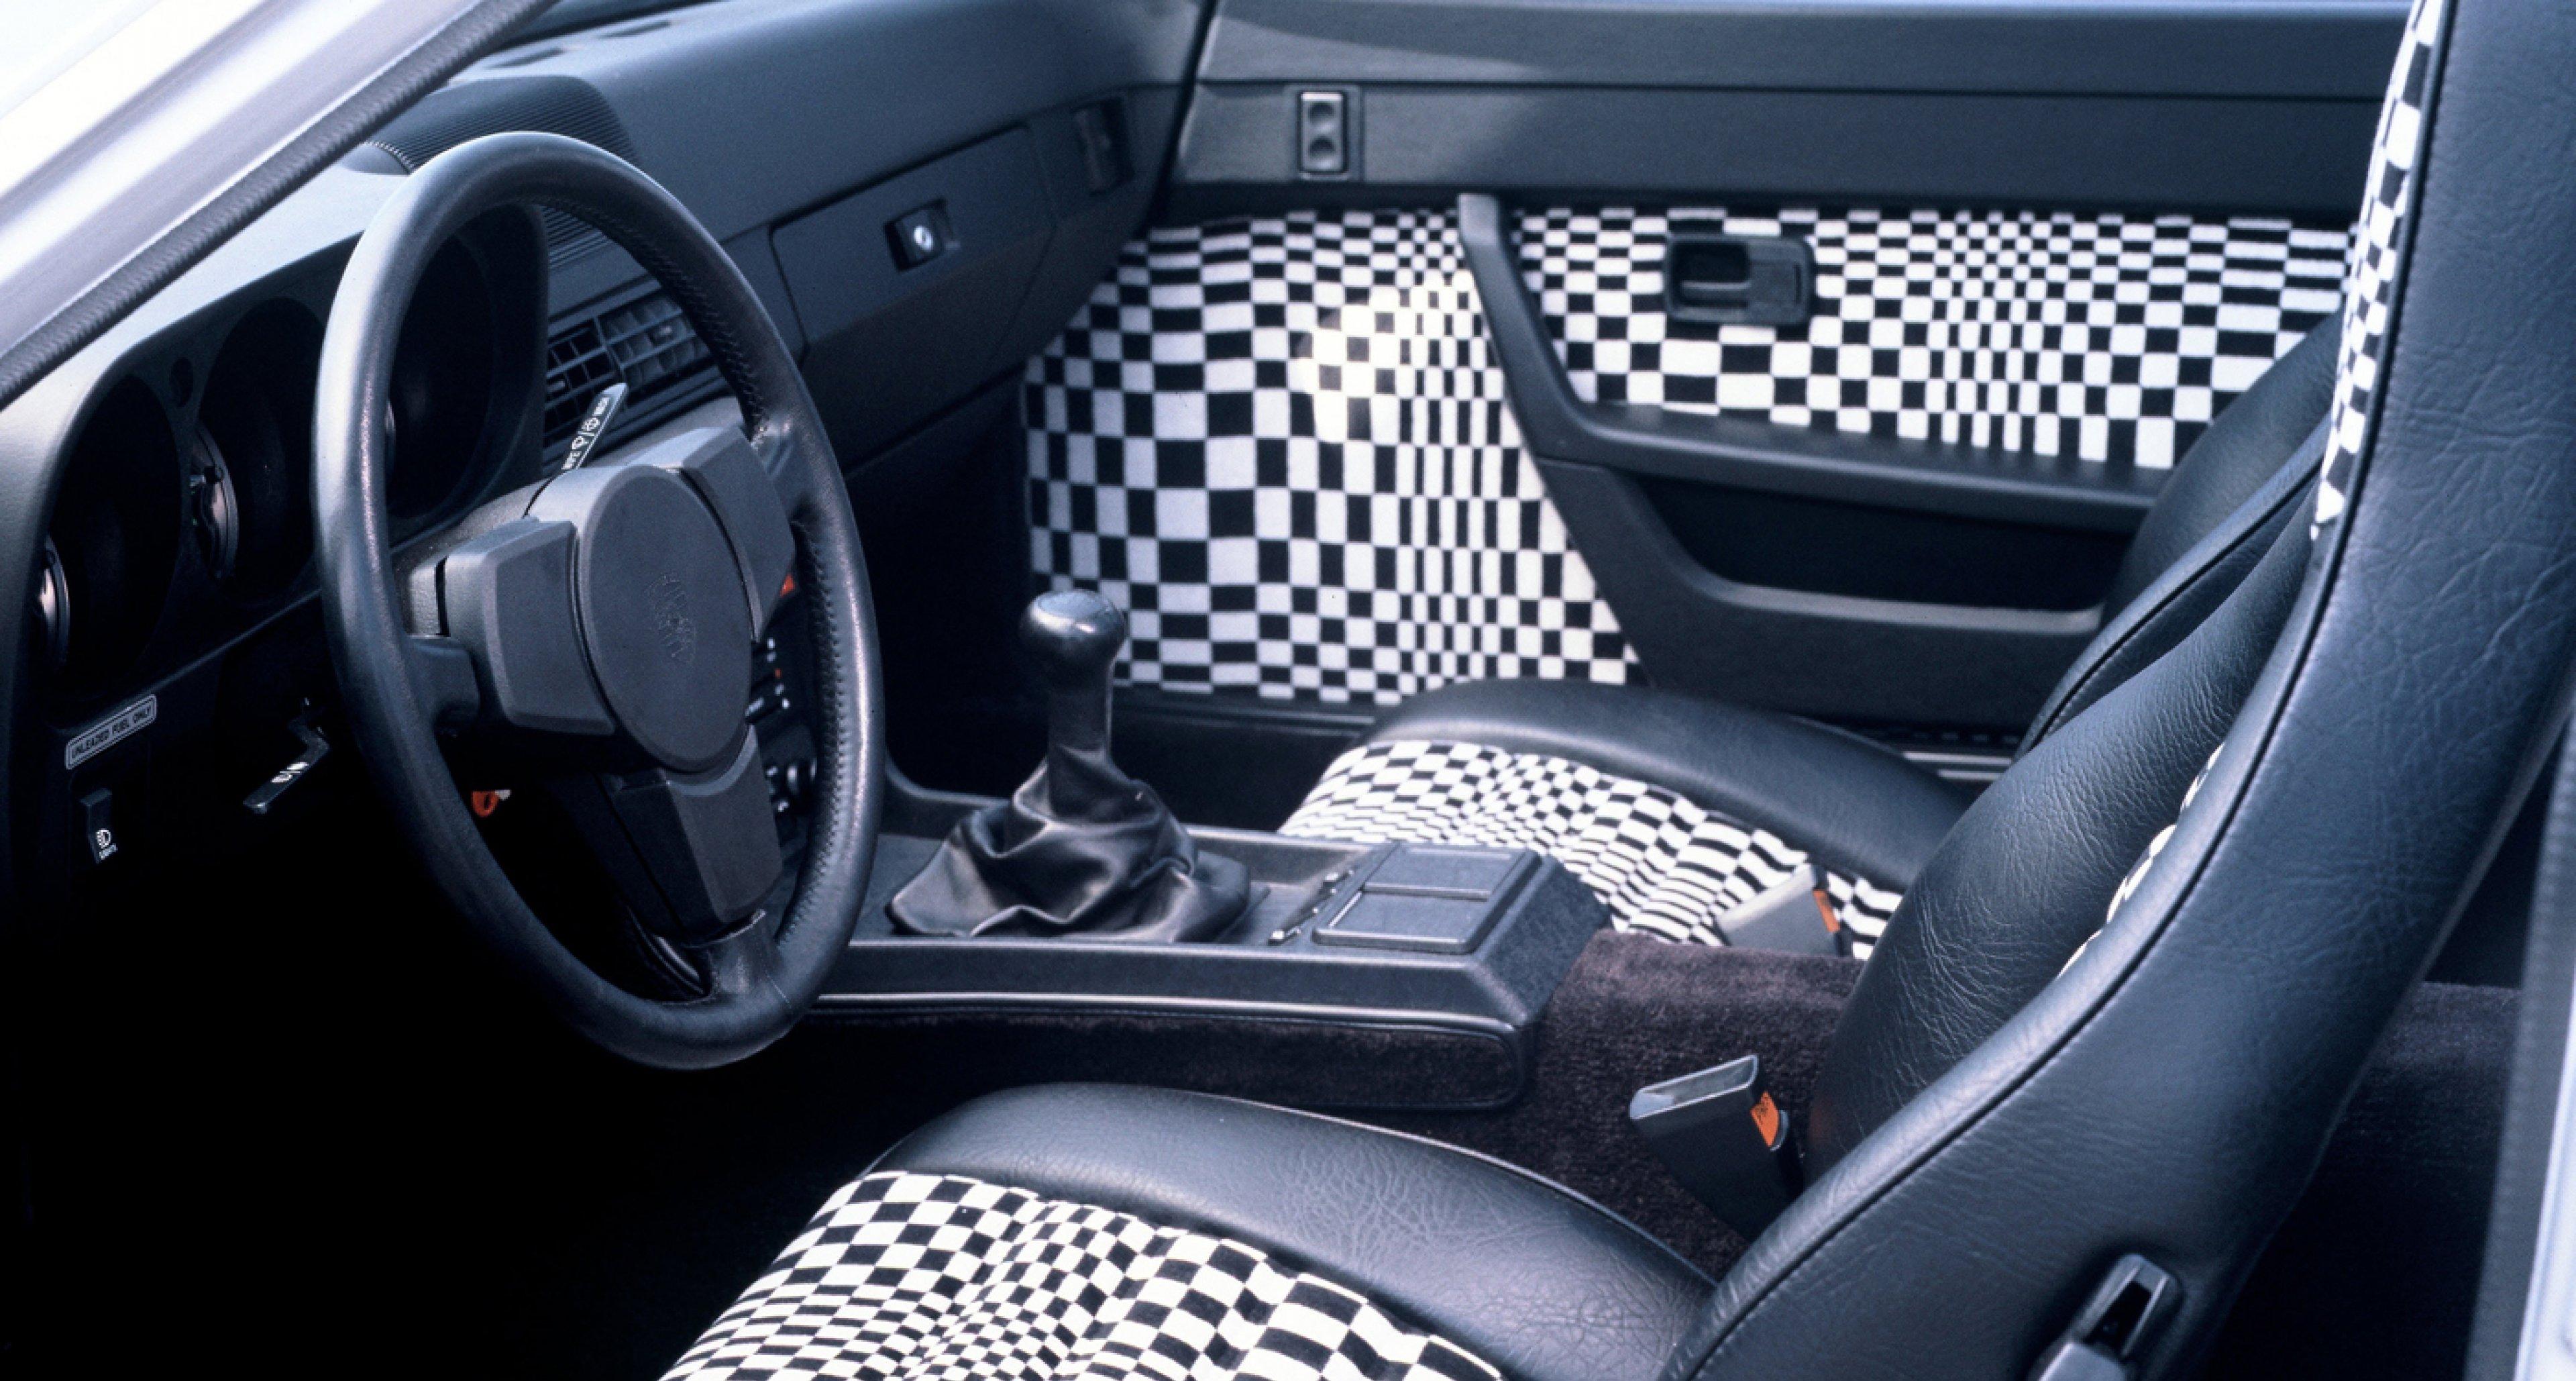 Op-art style 'Pascha' seats in a 1979 Porsche 924.